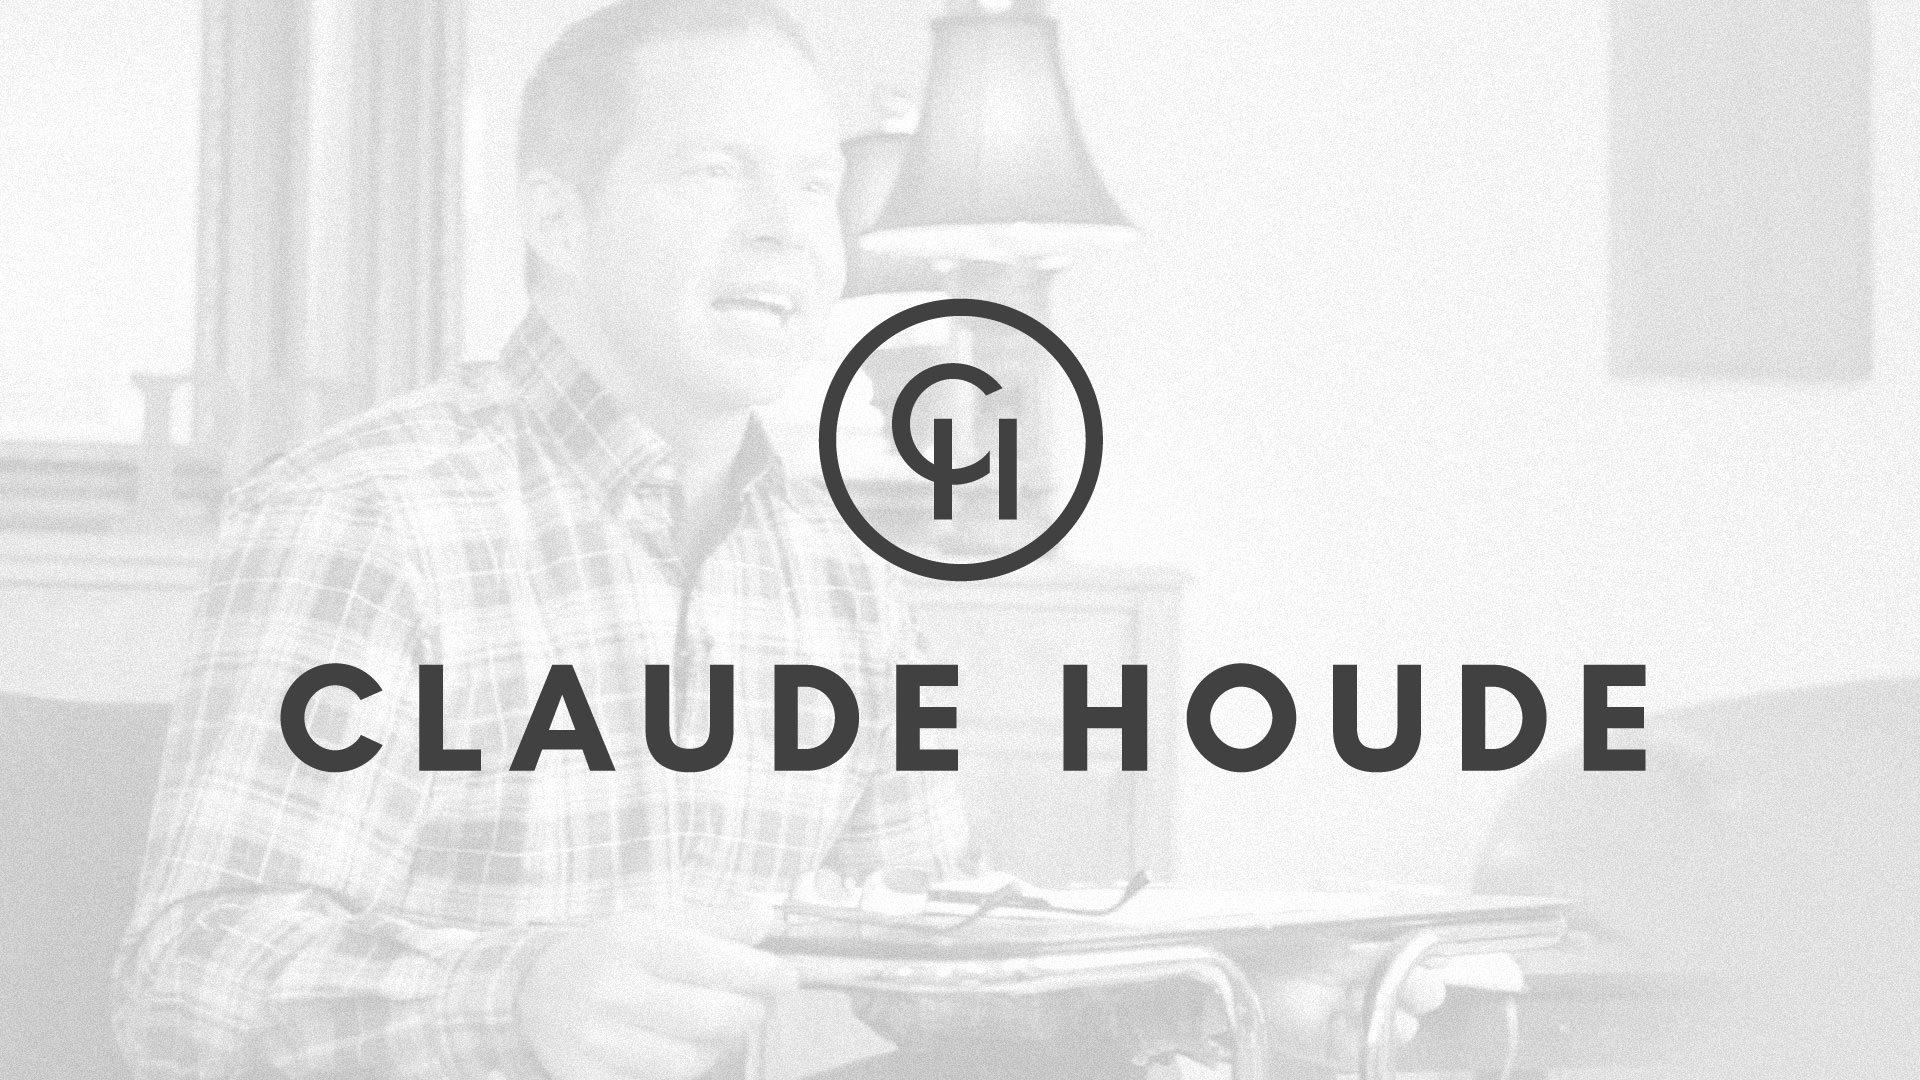 claude-houde_top